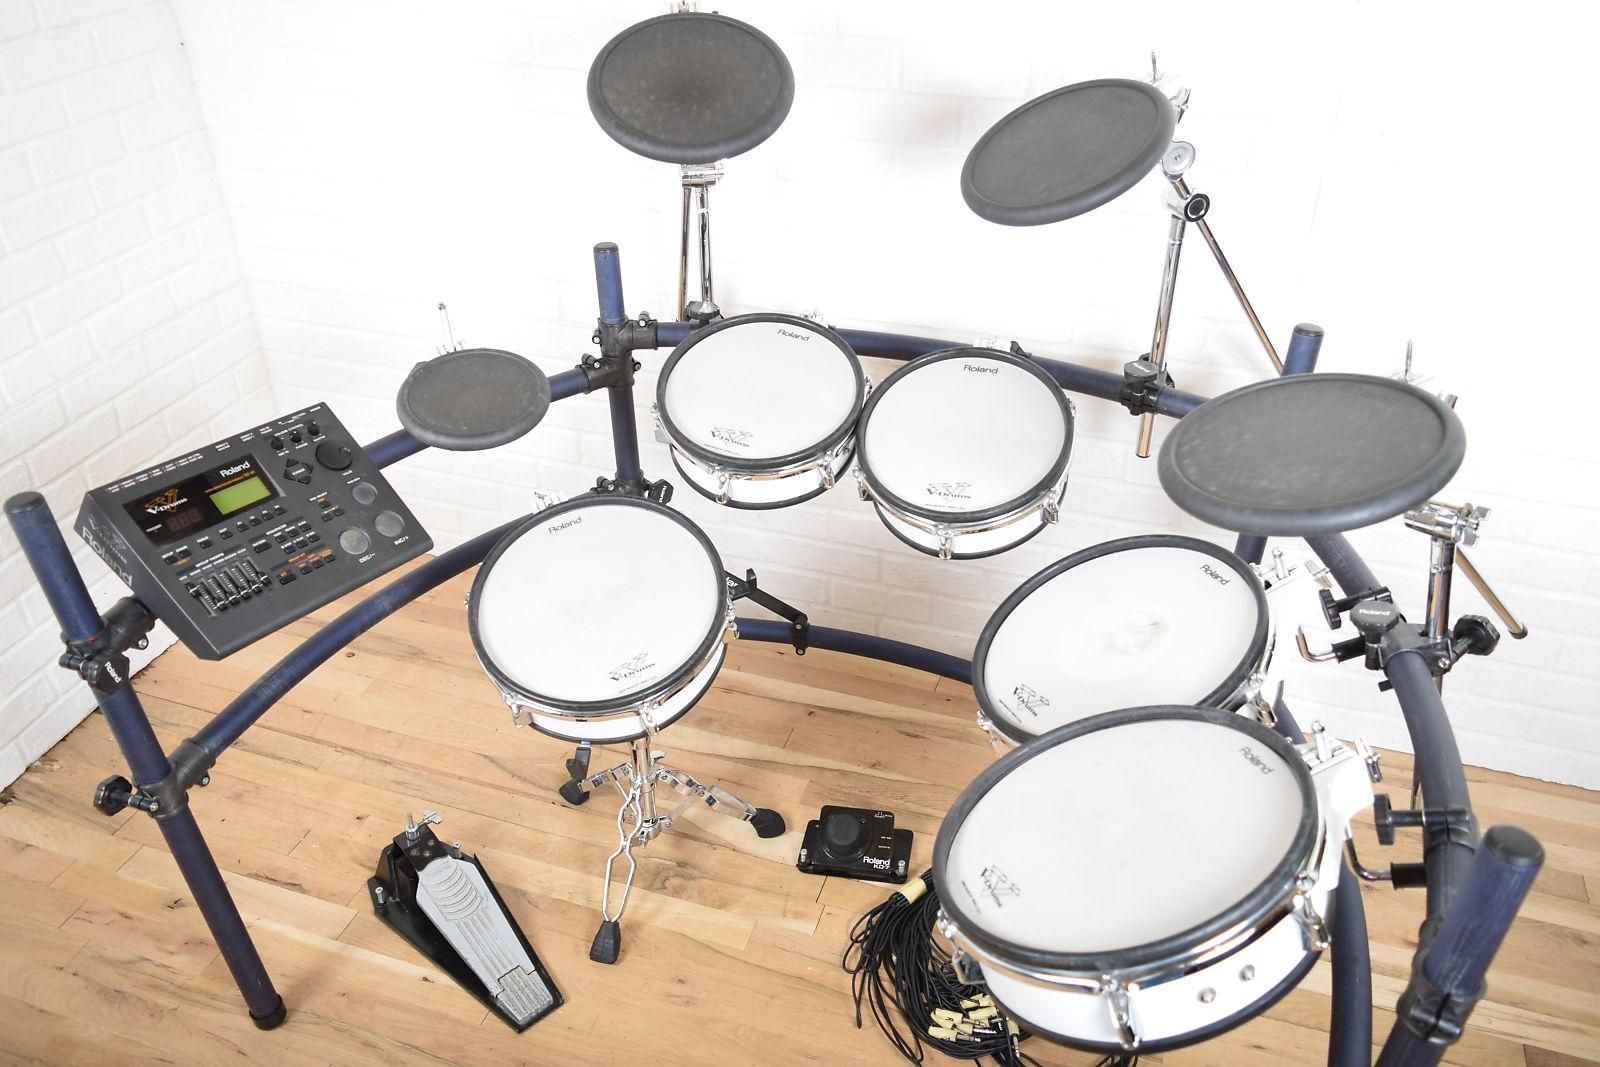 Roland Td 10 Electronic Drum Set Kit Excellent Used Td10 V Drums